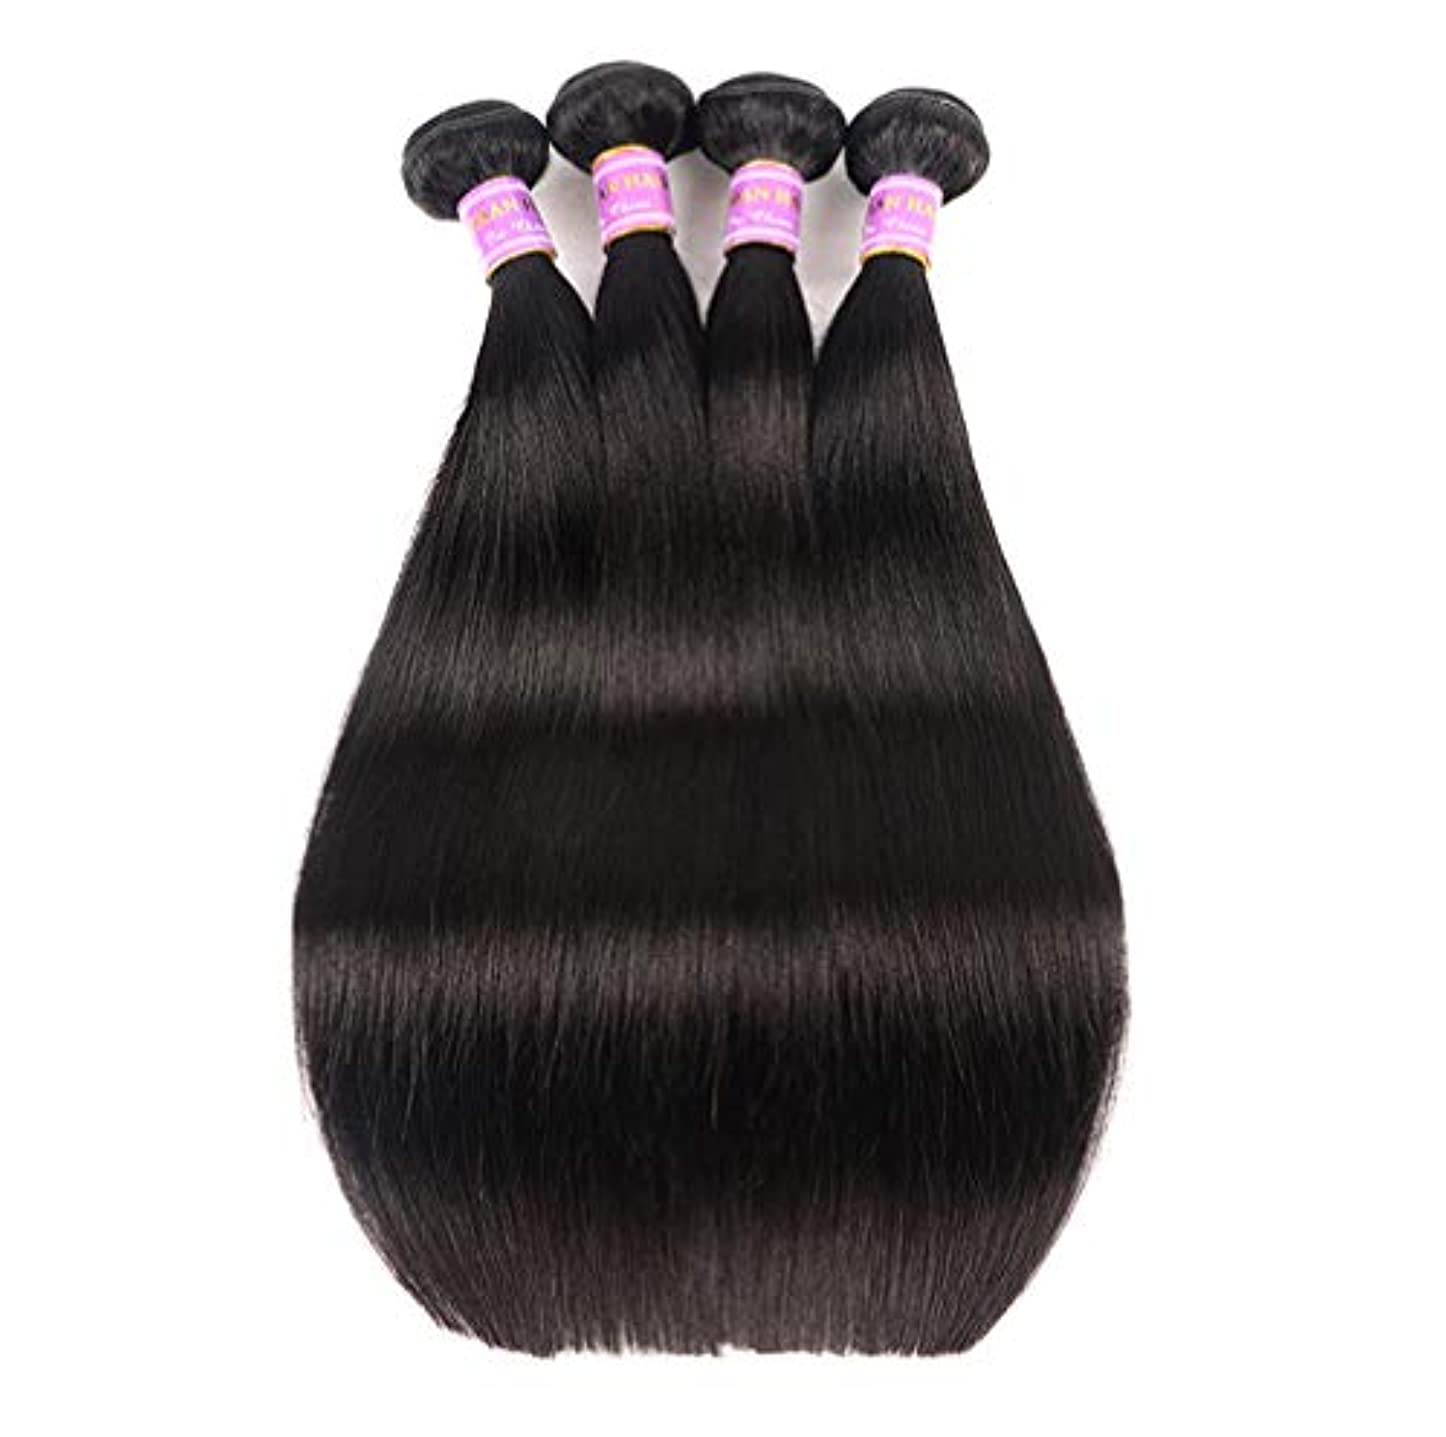 浴正気象9Aブラジルのストレートヘア3バンドル安いブラジルのヘアバンドルストレート人間の髪の束ナチュラルブラックカラー300グラム